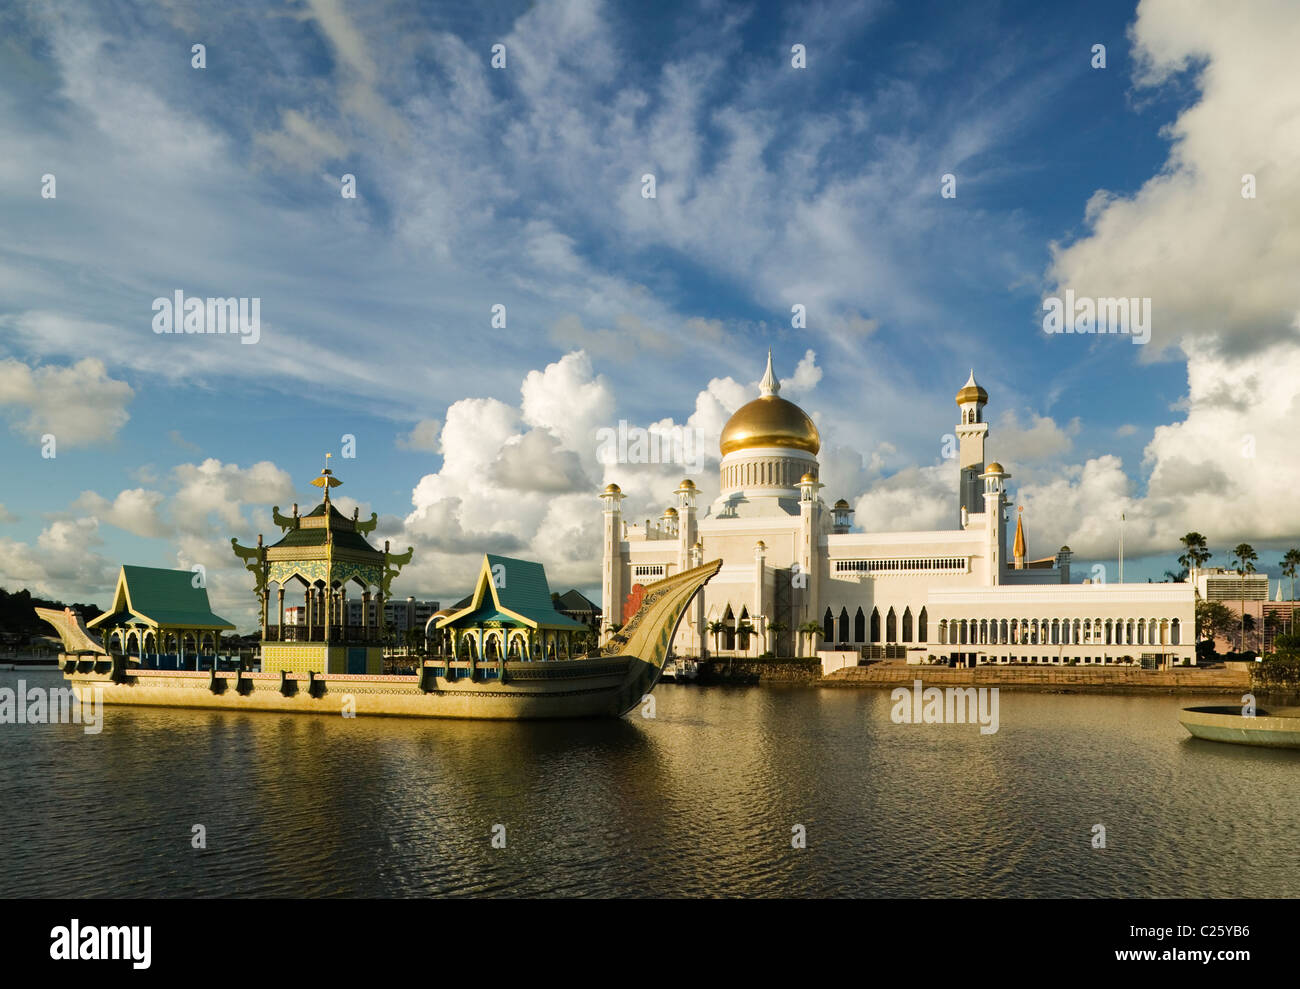 The Sultan Omar Ali Saifuddien Mosque and royal barge at Bandar Seri Begawan, Negara Brunei Darussalam. (Brunei, - Stock Image